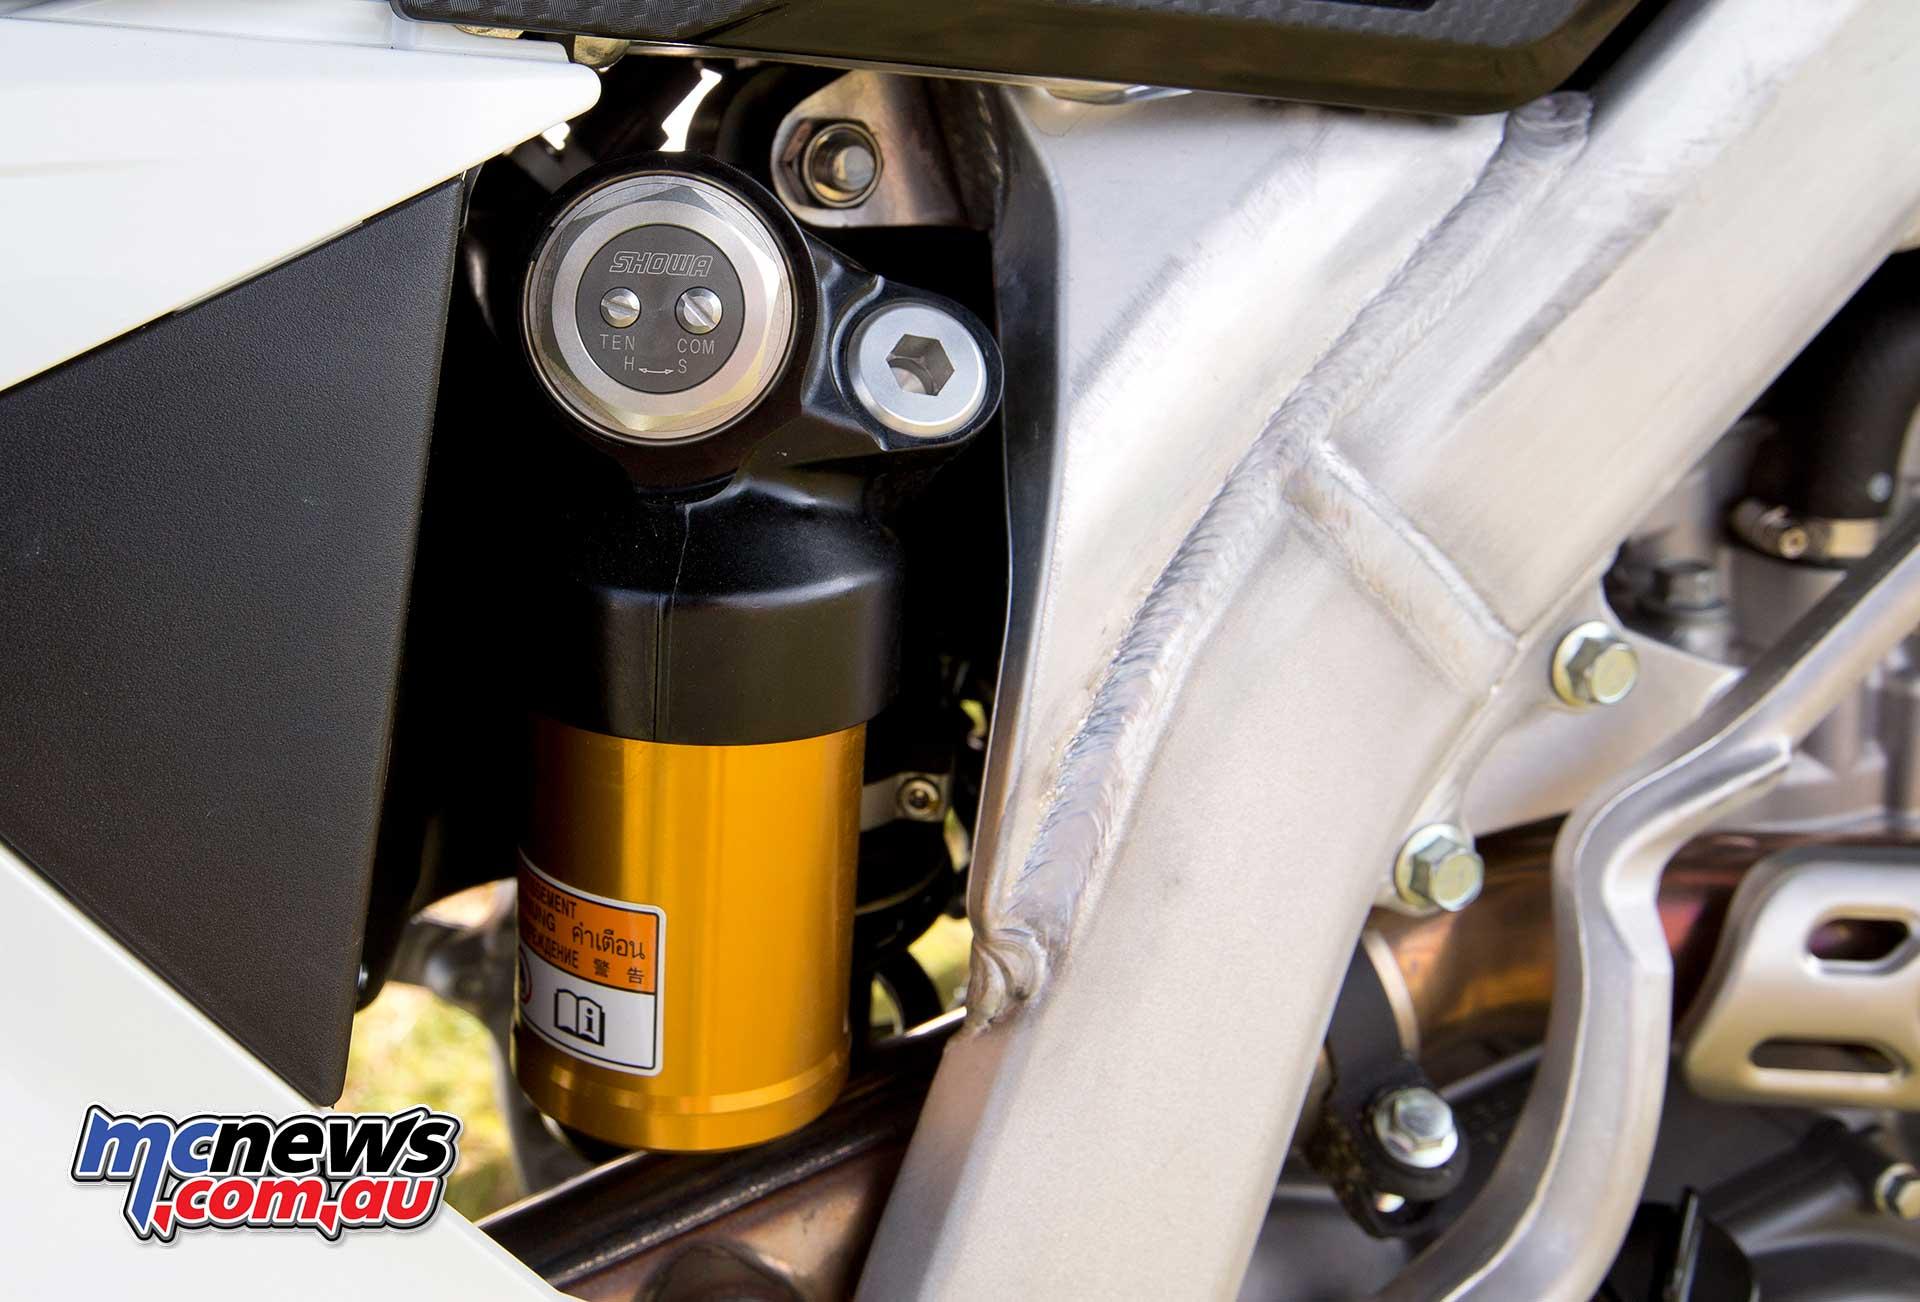 2018 Suzuki RM-Z450 Review   Motorcycle Test   MCNews com au